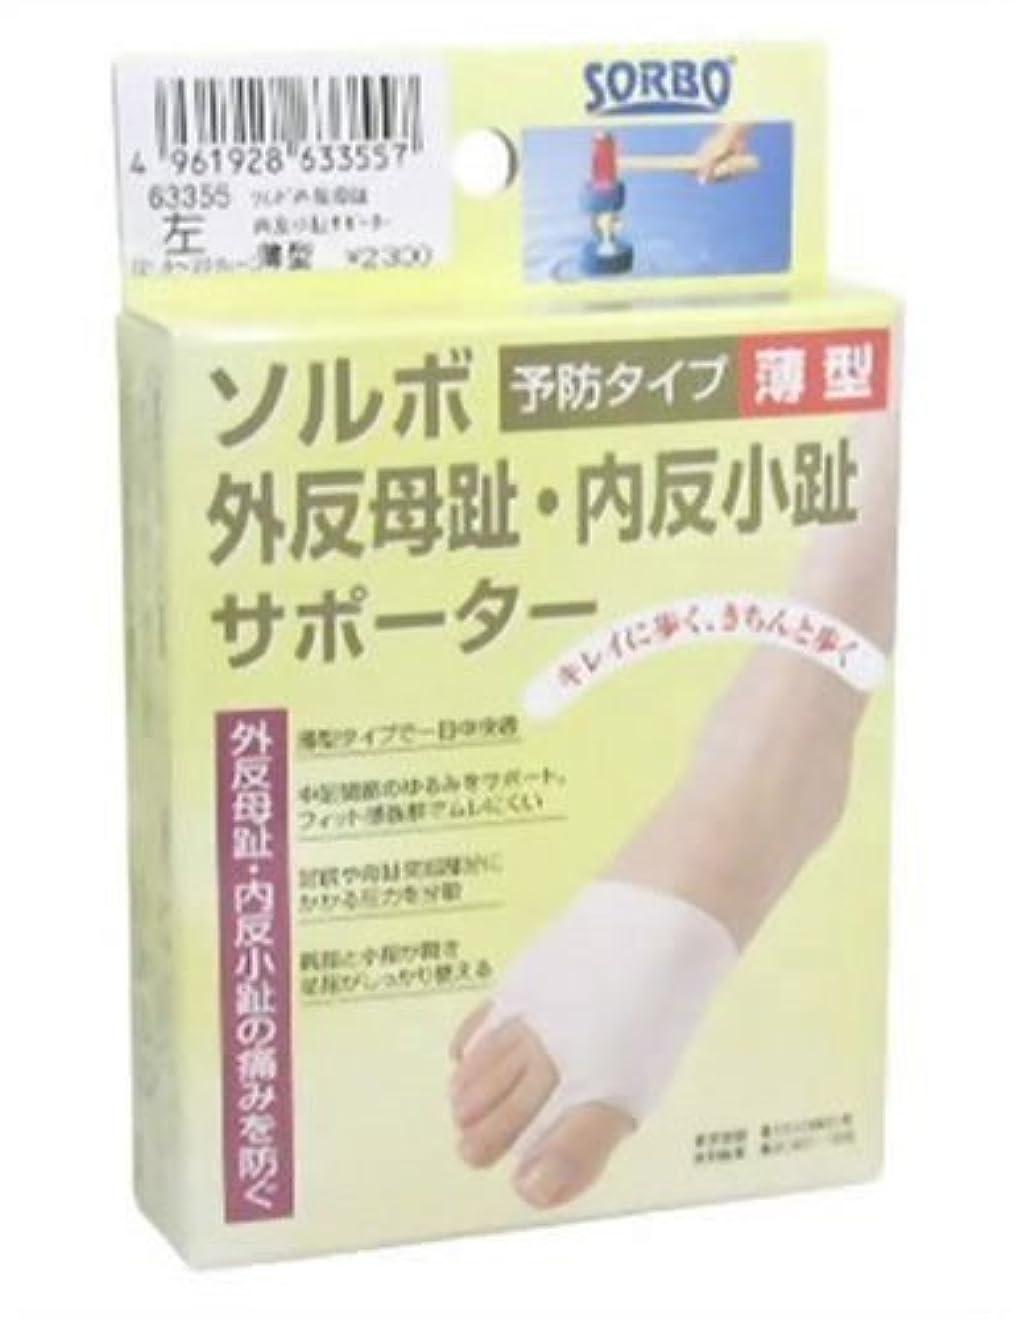 ソルボ 外反母趾?内反小趾サポーター 薄型 Lサイズ 左足用